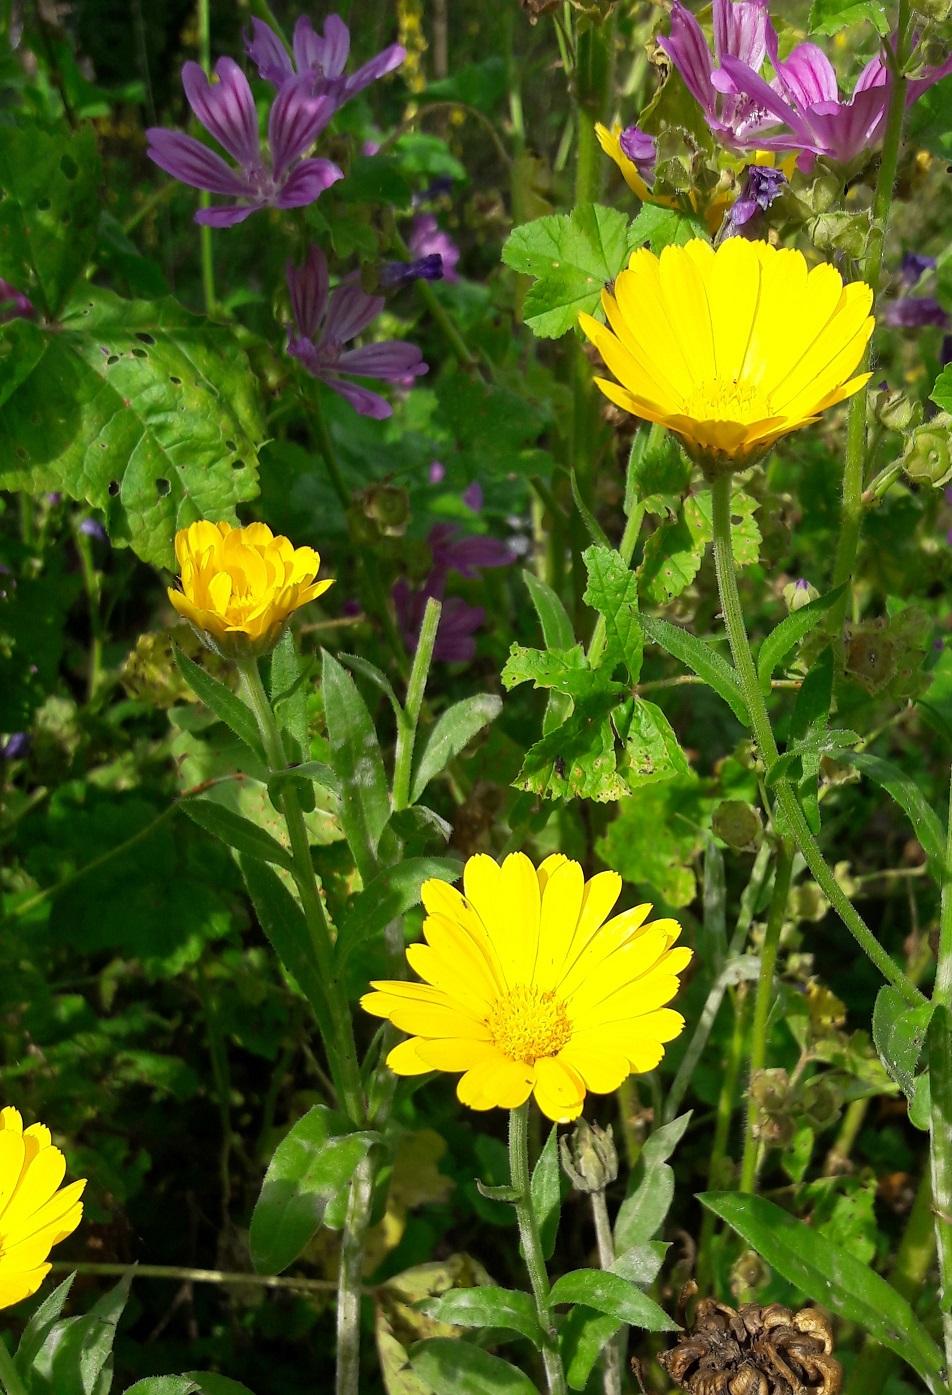 Goudsbloem (Calendula officinalis)